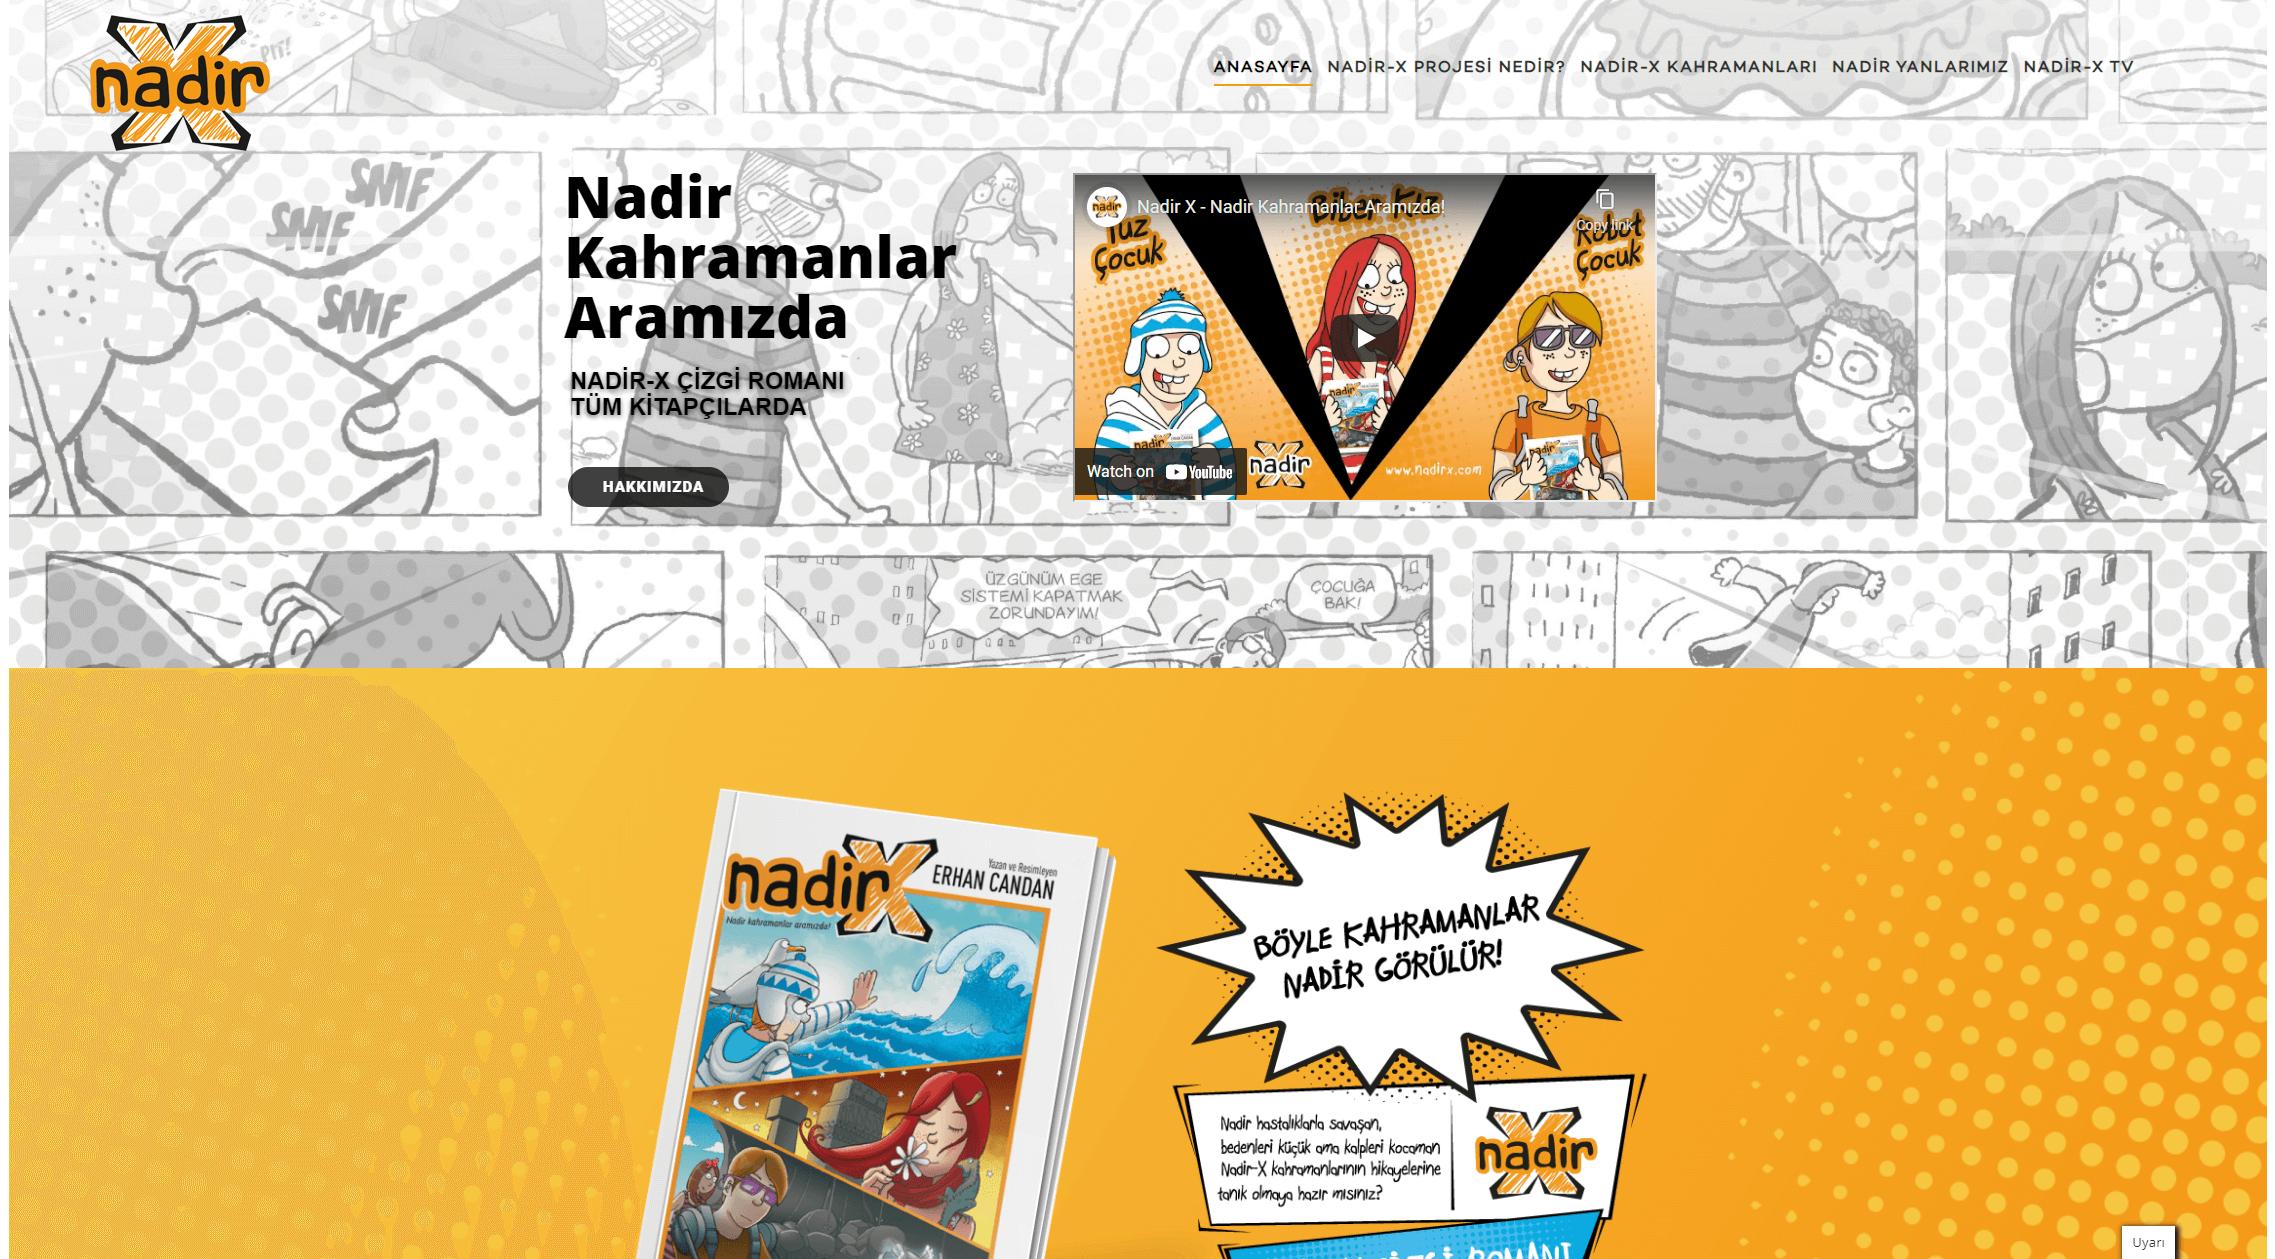 nadirx.com